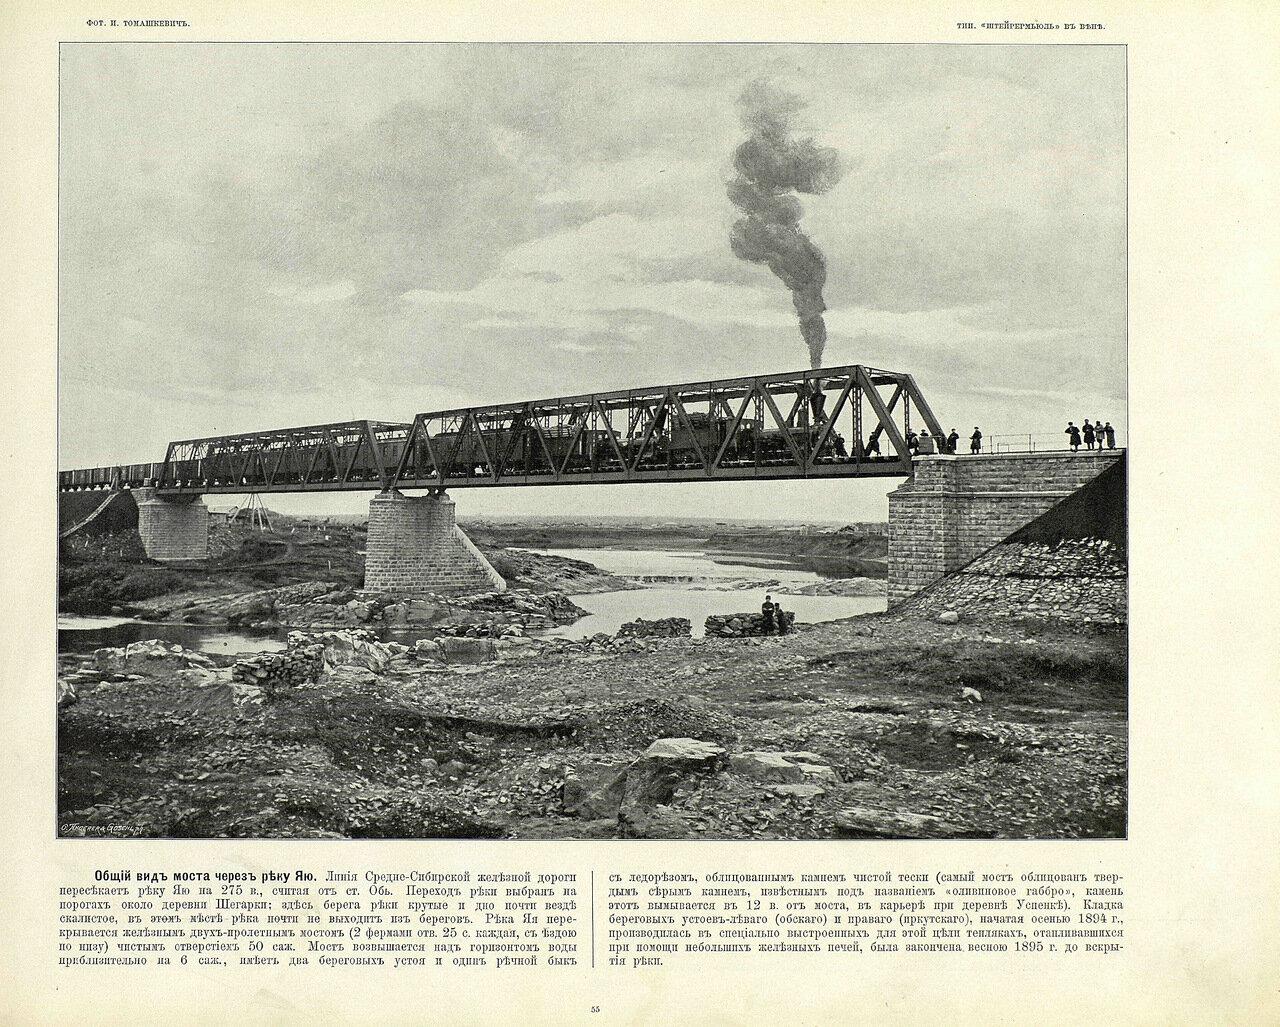 55. Общий вид моста через реку Яю